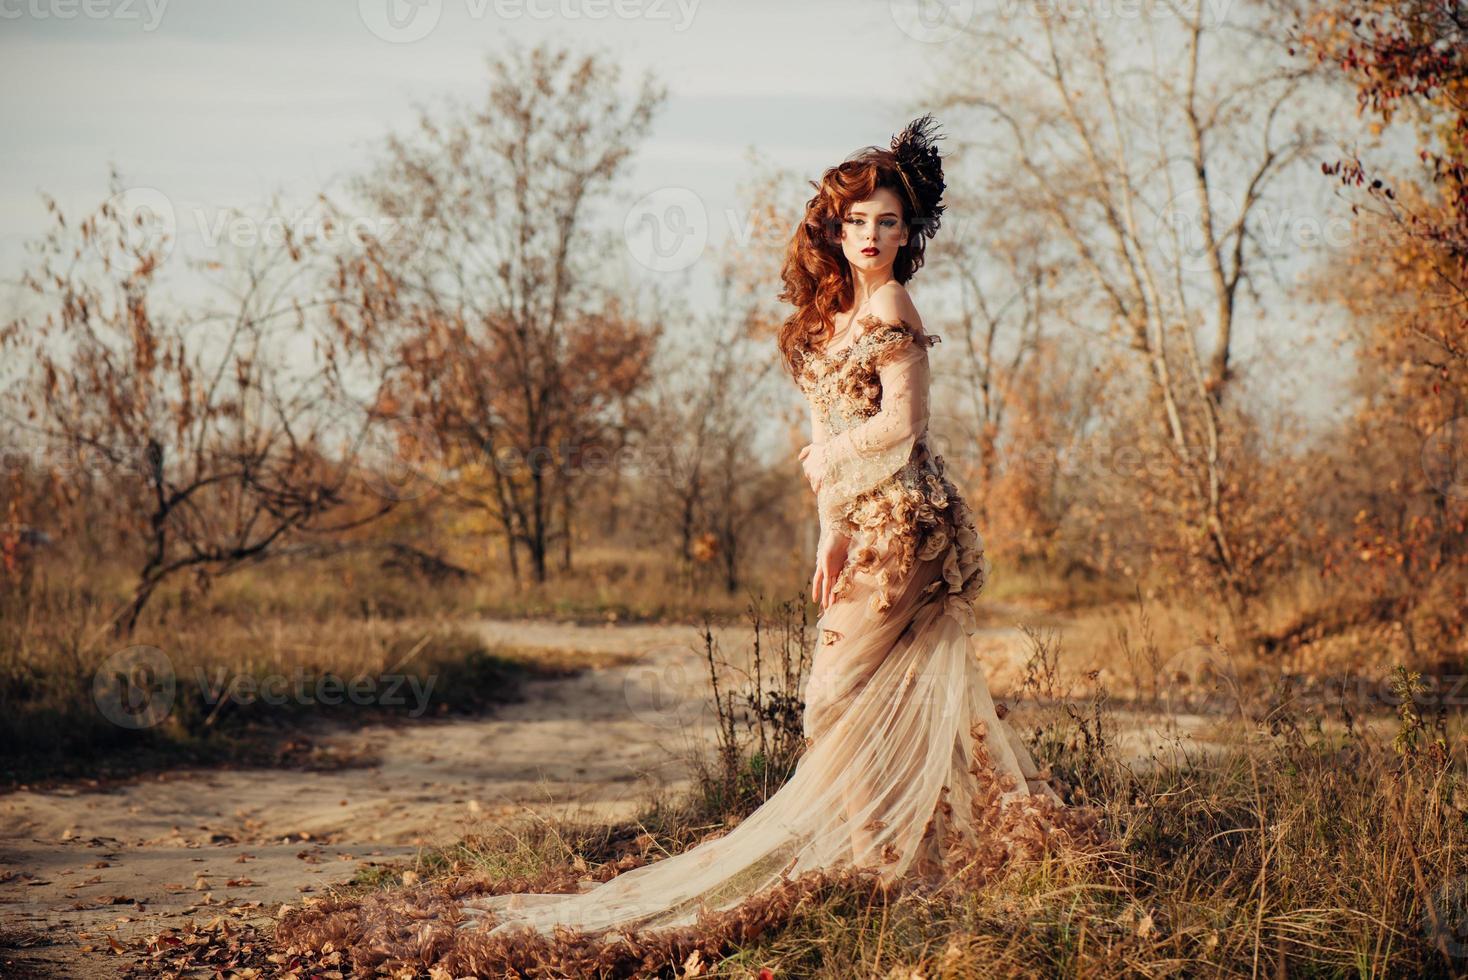 mujer otoño belleza en vestido con hojas foto